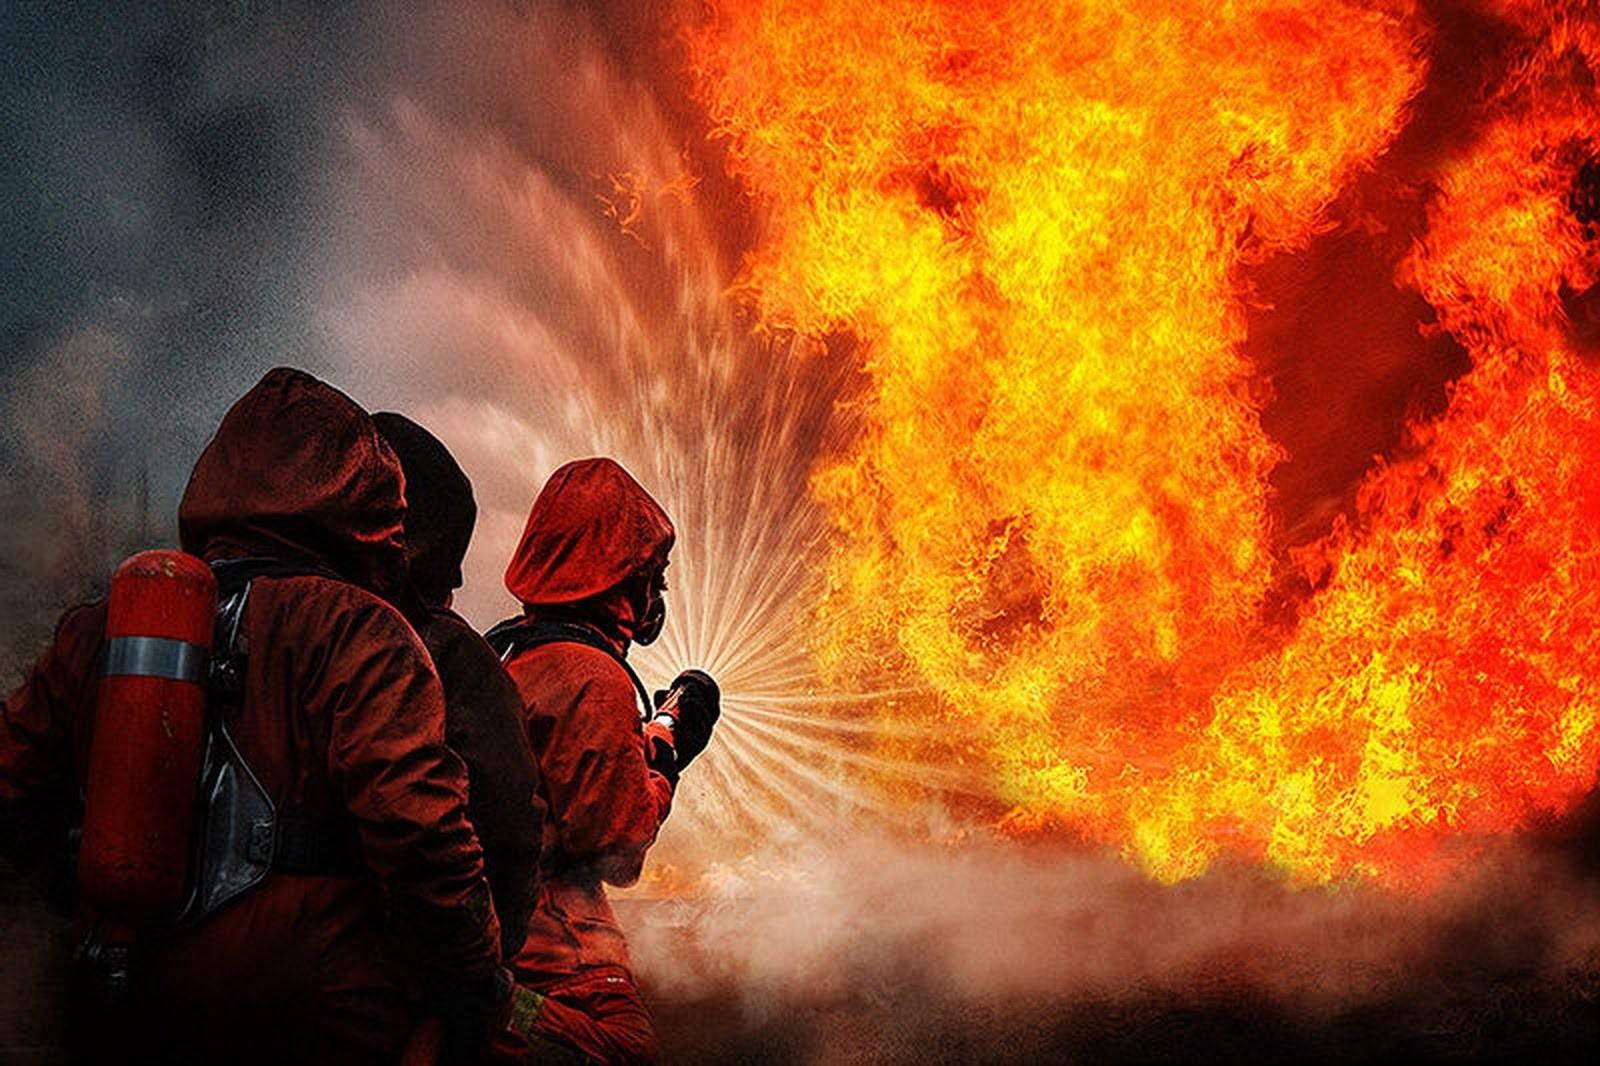 В столице России произошёл пожар натерритории завода ЗИЛ